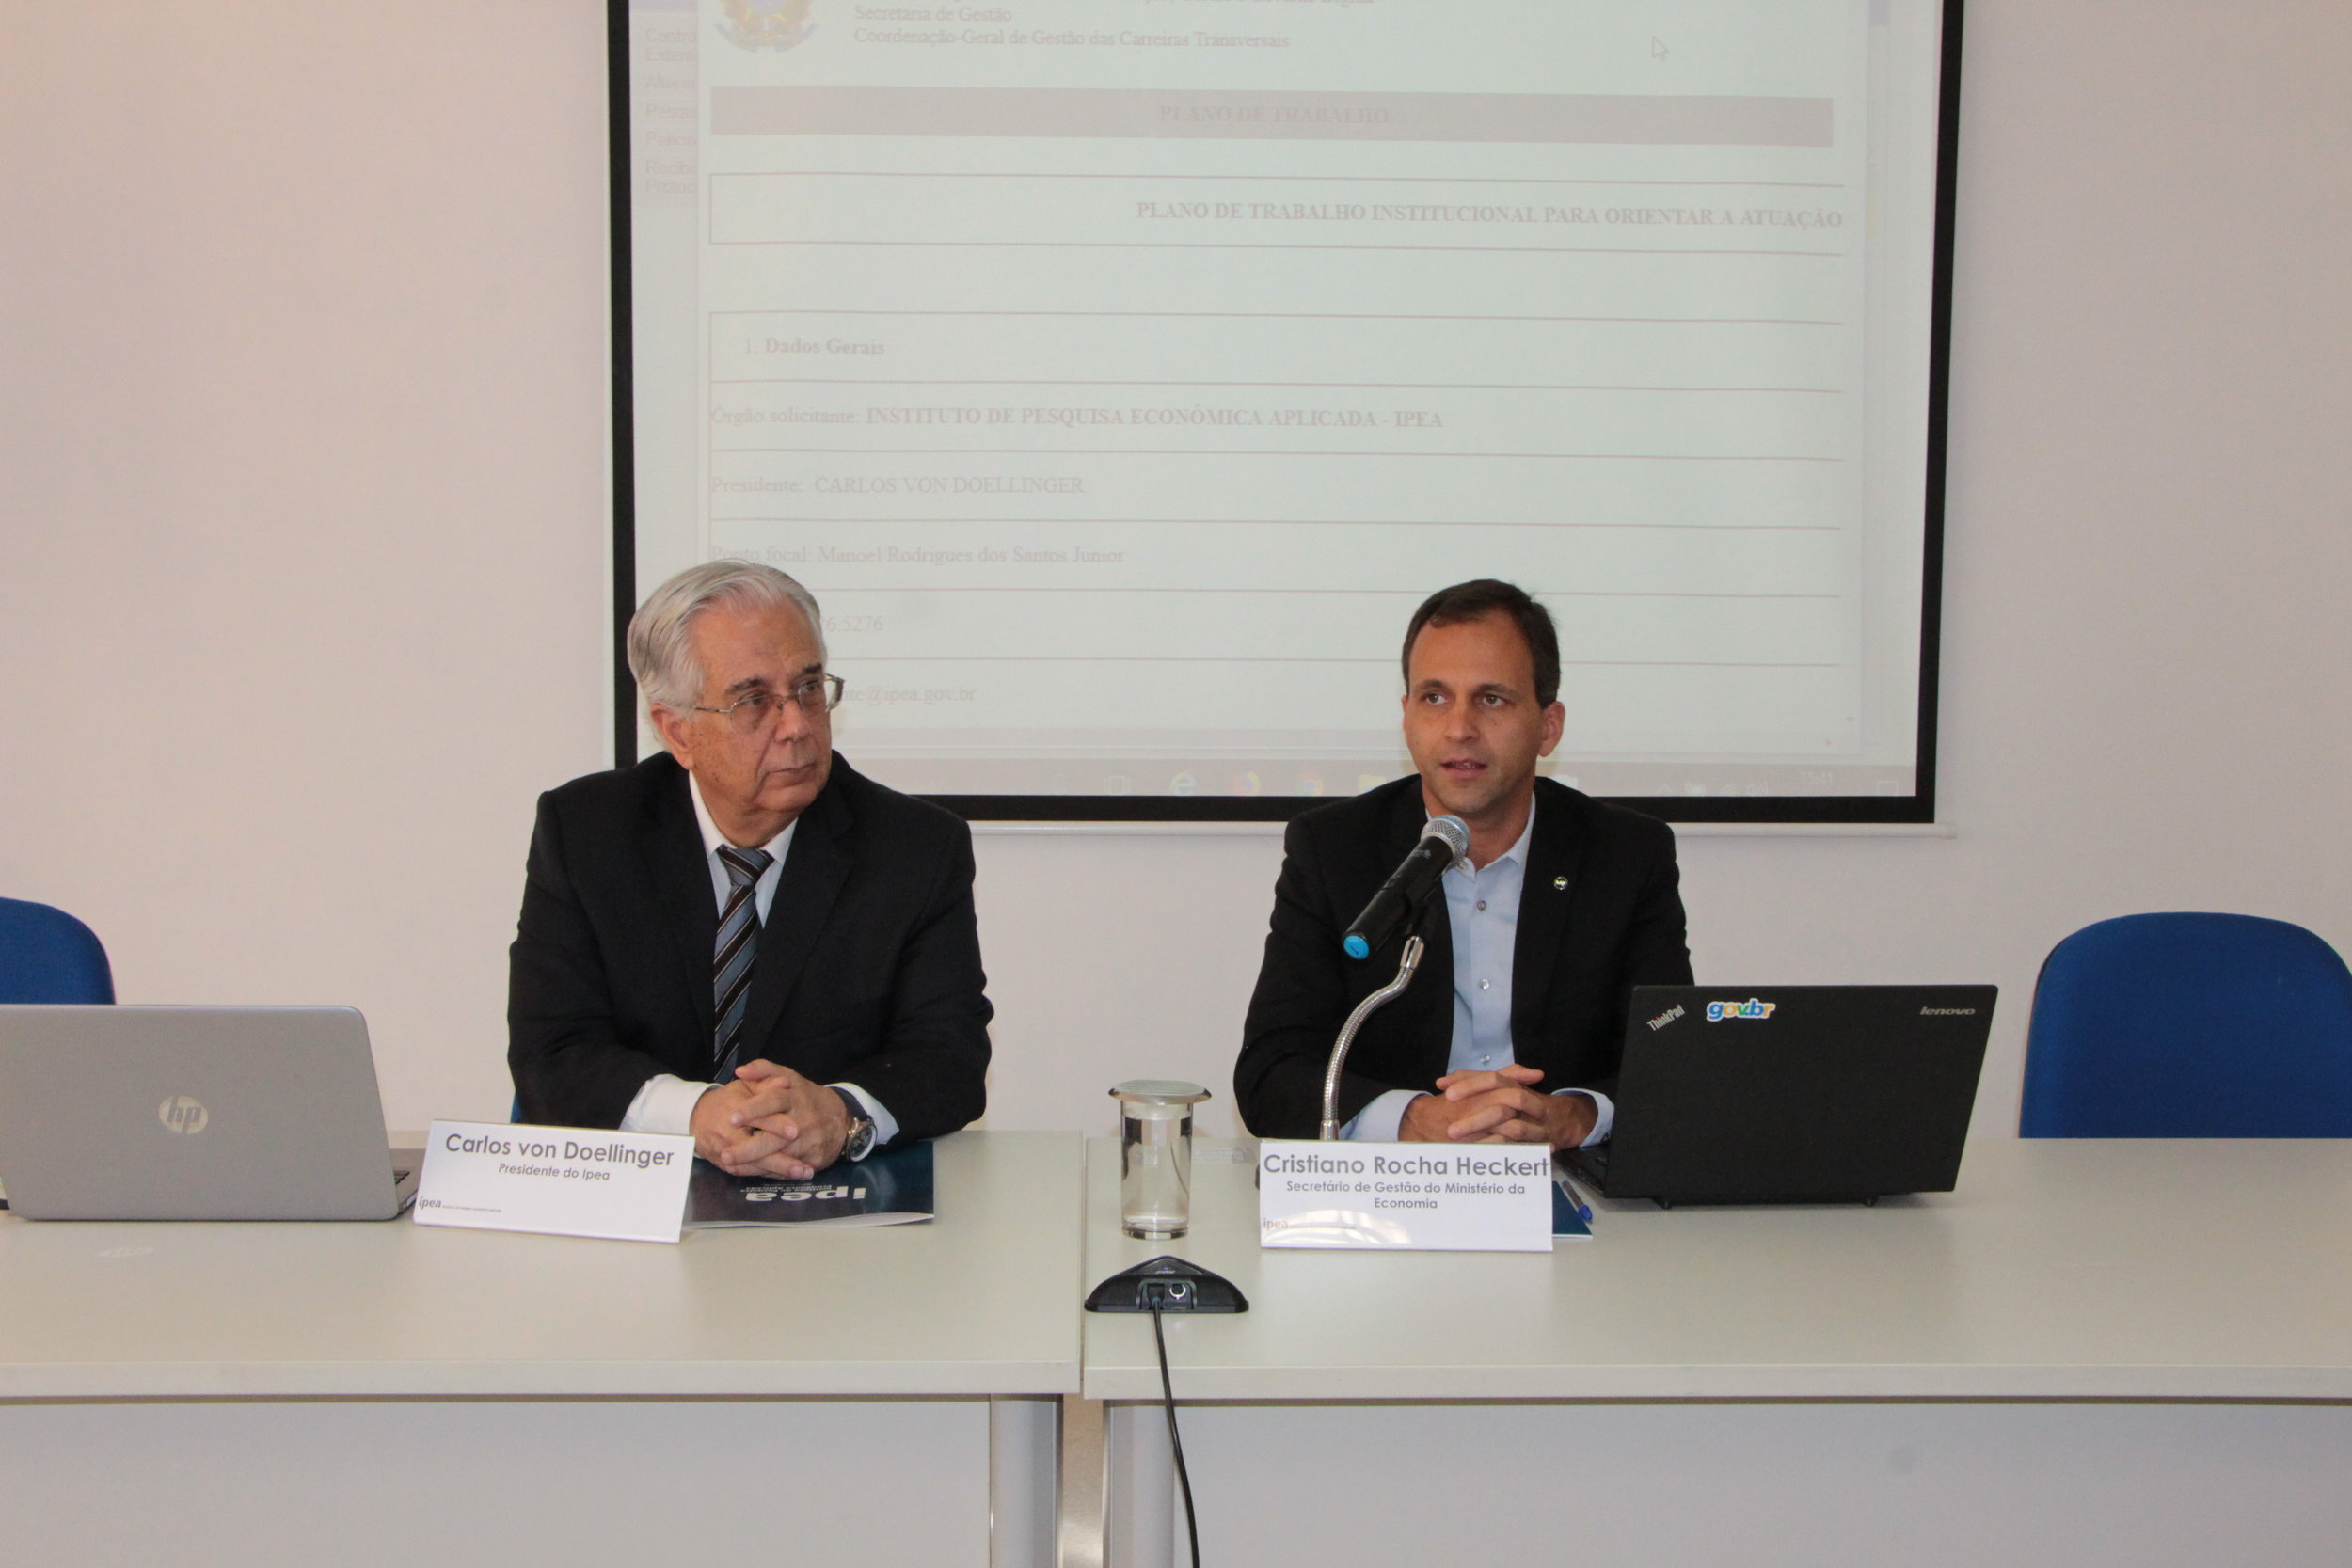 Secretário de Gestão, Cristiano Heckert, e presidente Ipea, Carlos Von Dollinger, durante assinatura do plano de trabalho. Foto: Clésio Rocha/ME